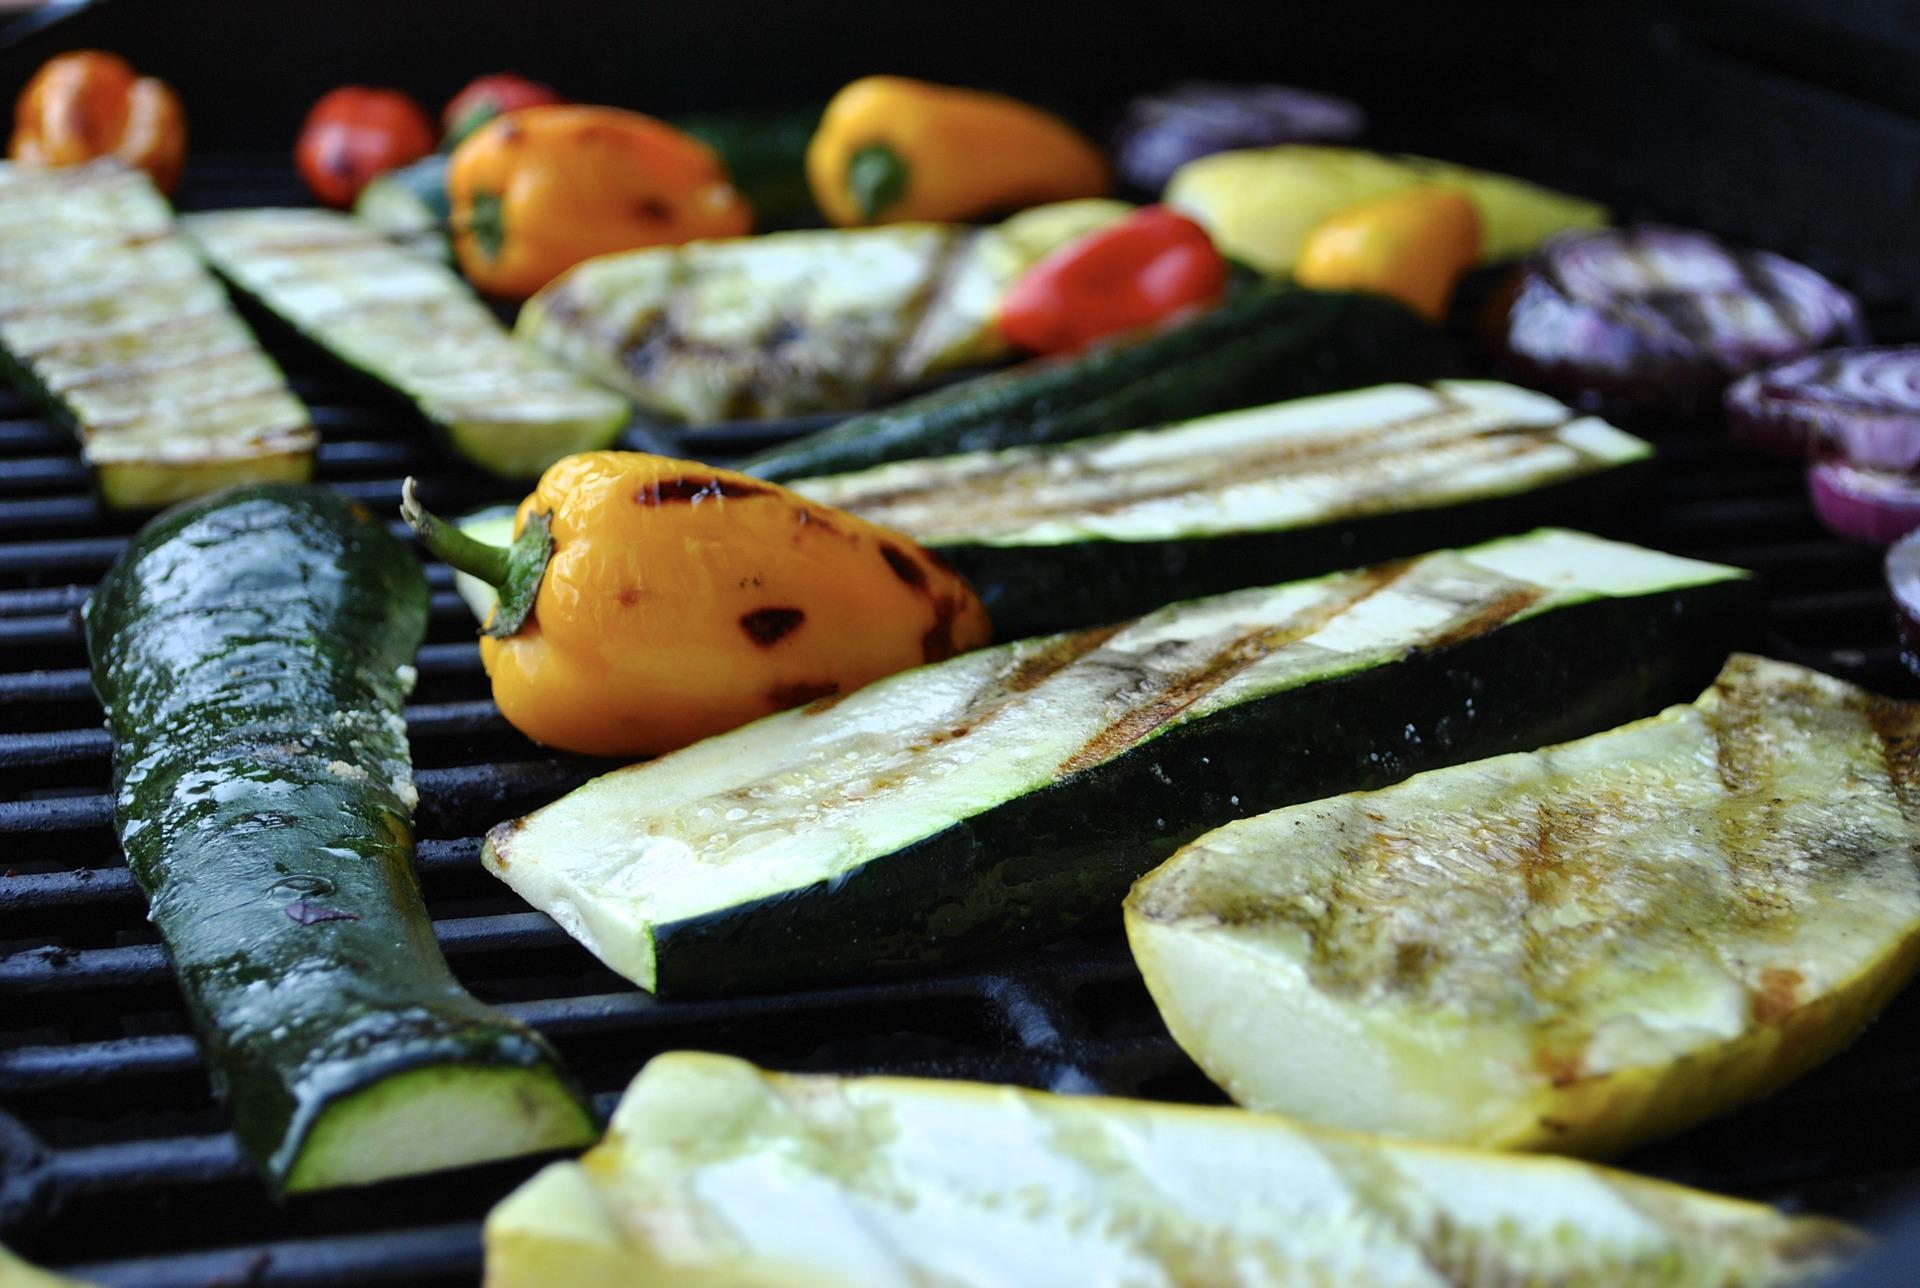 grilled-vegetables-2172704_1920.jpg